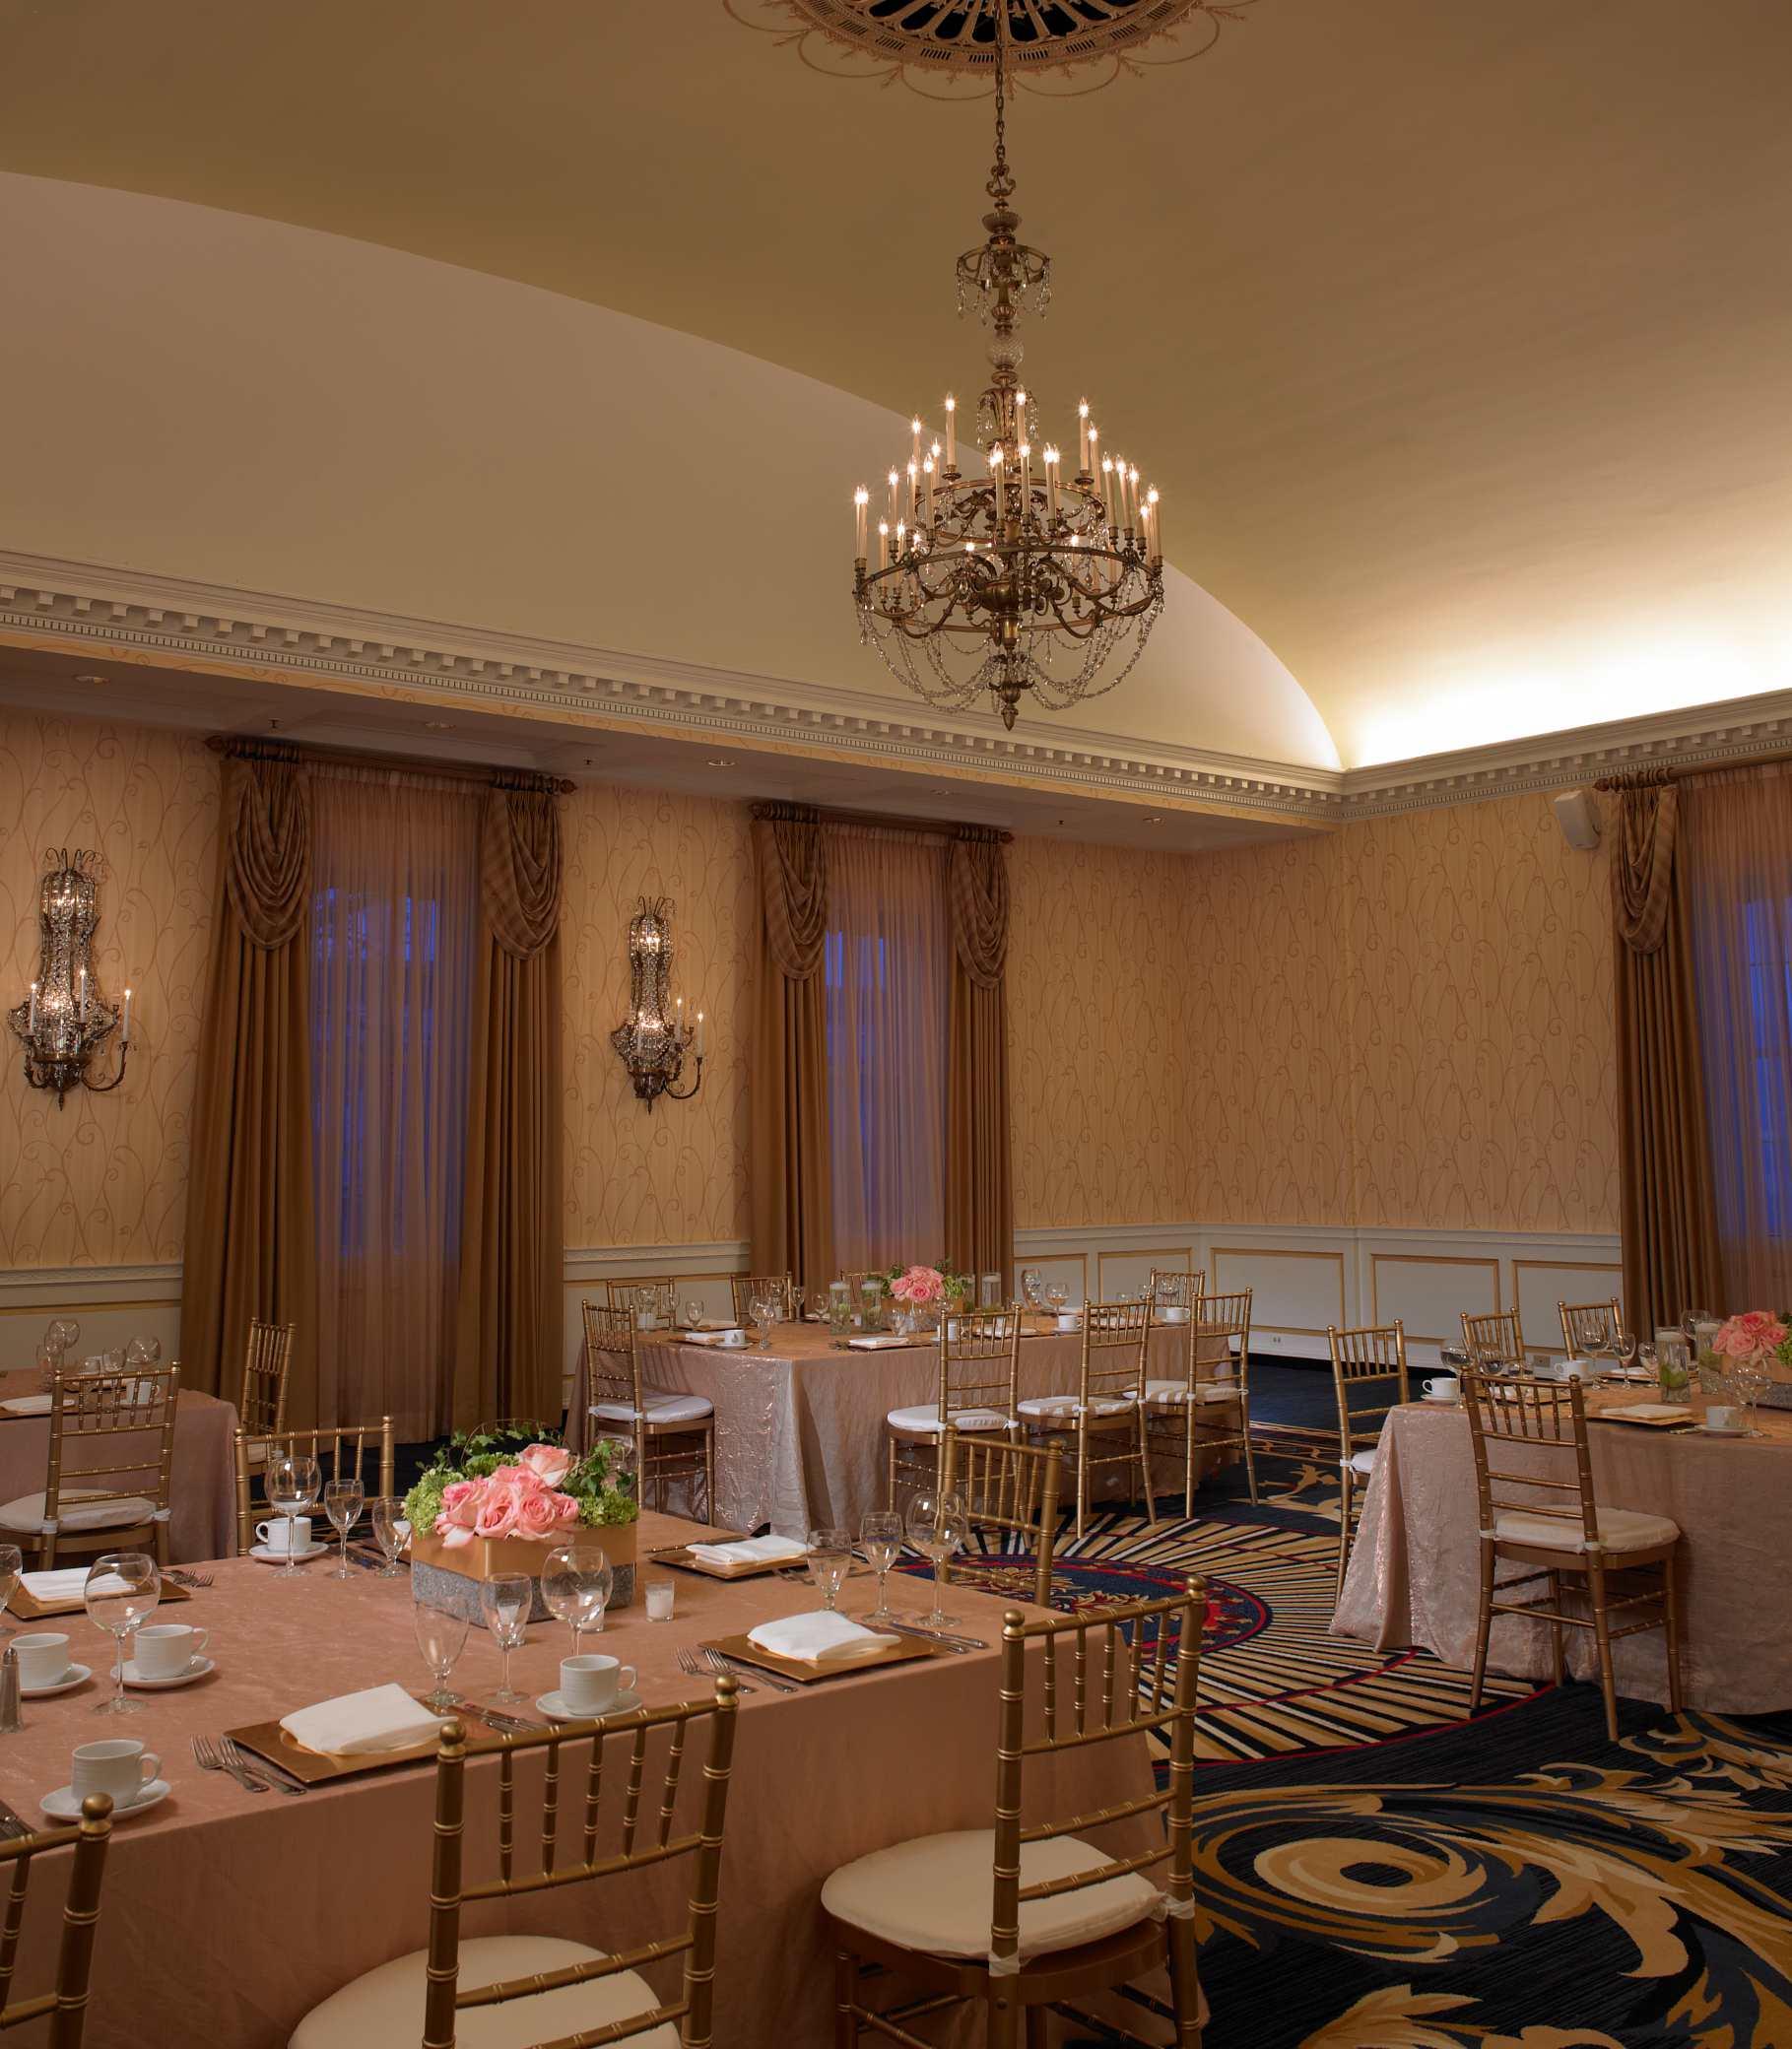 The Dearborn Inn, A Marriott Hotel image 12